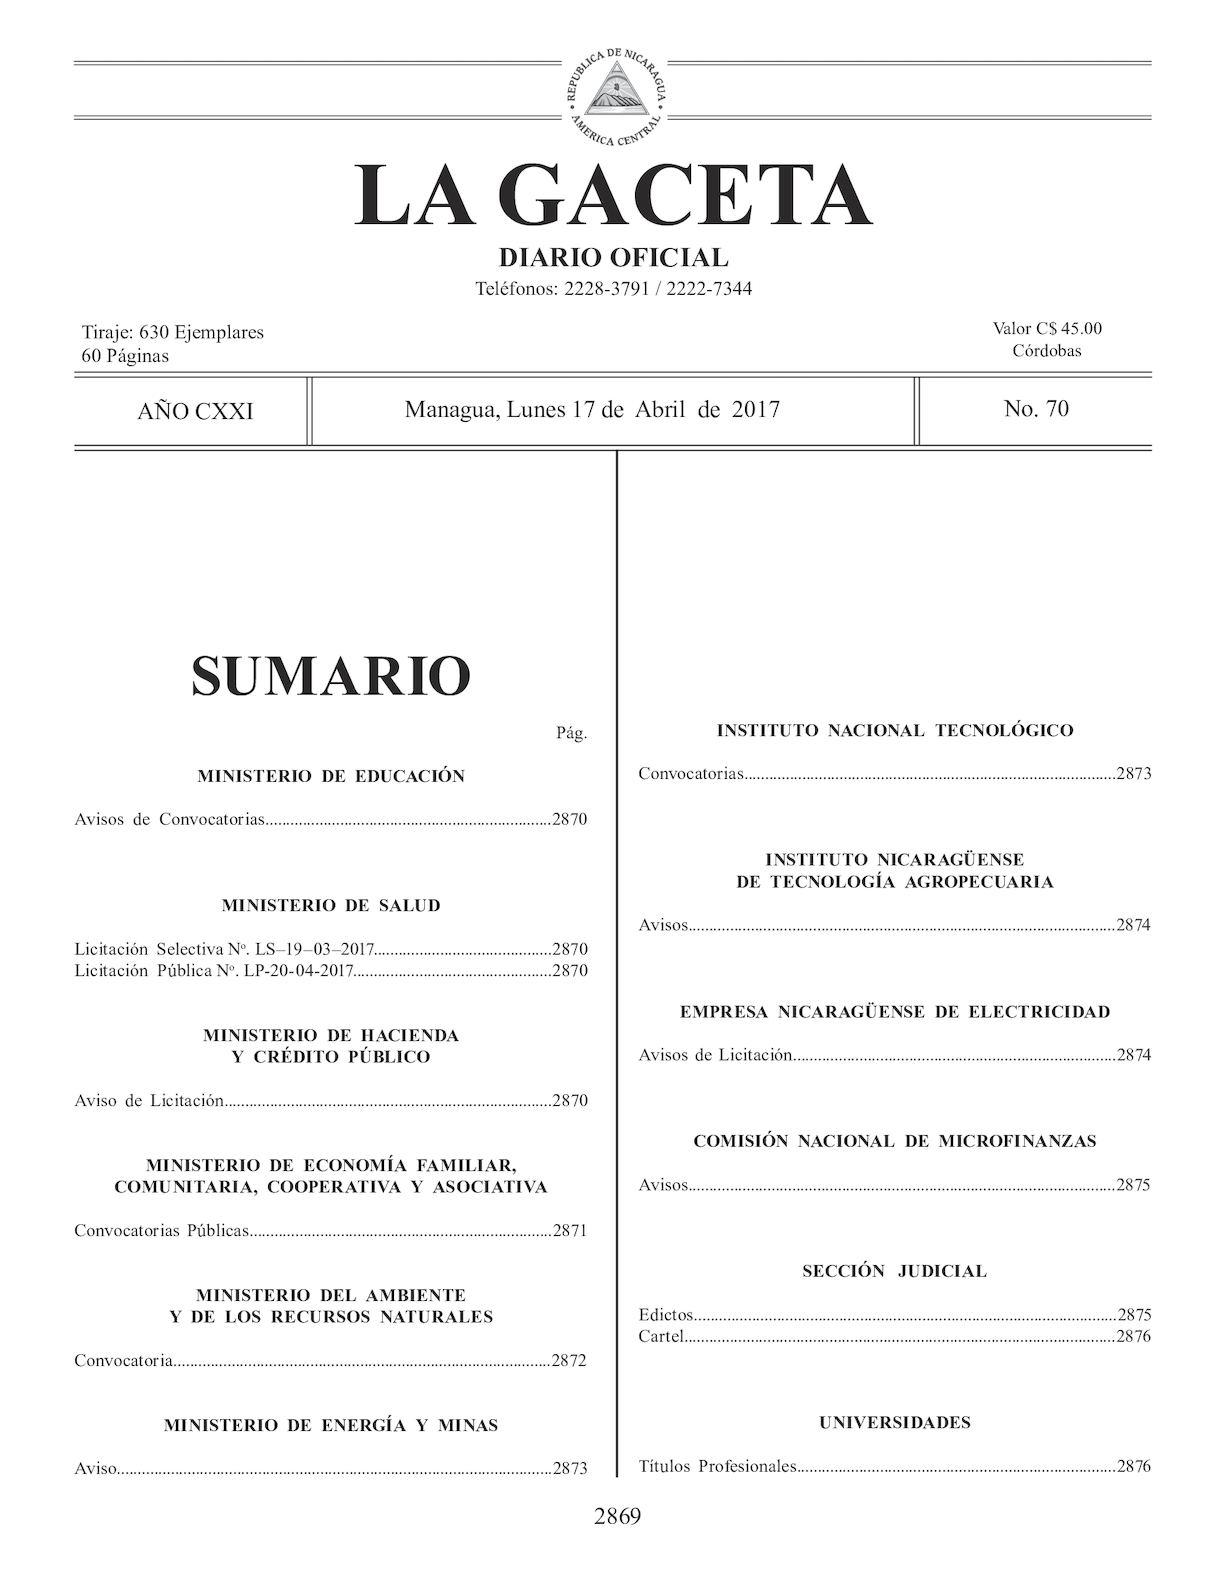 Gaceta No 70 Lunes 17 De Abril De 2017